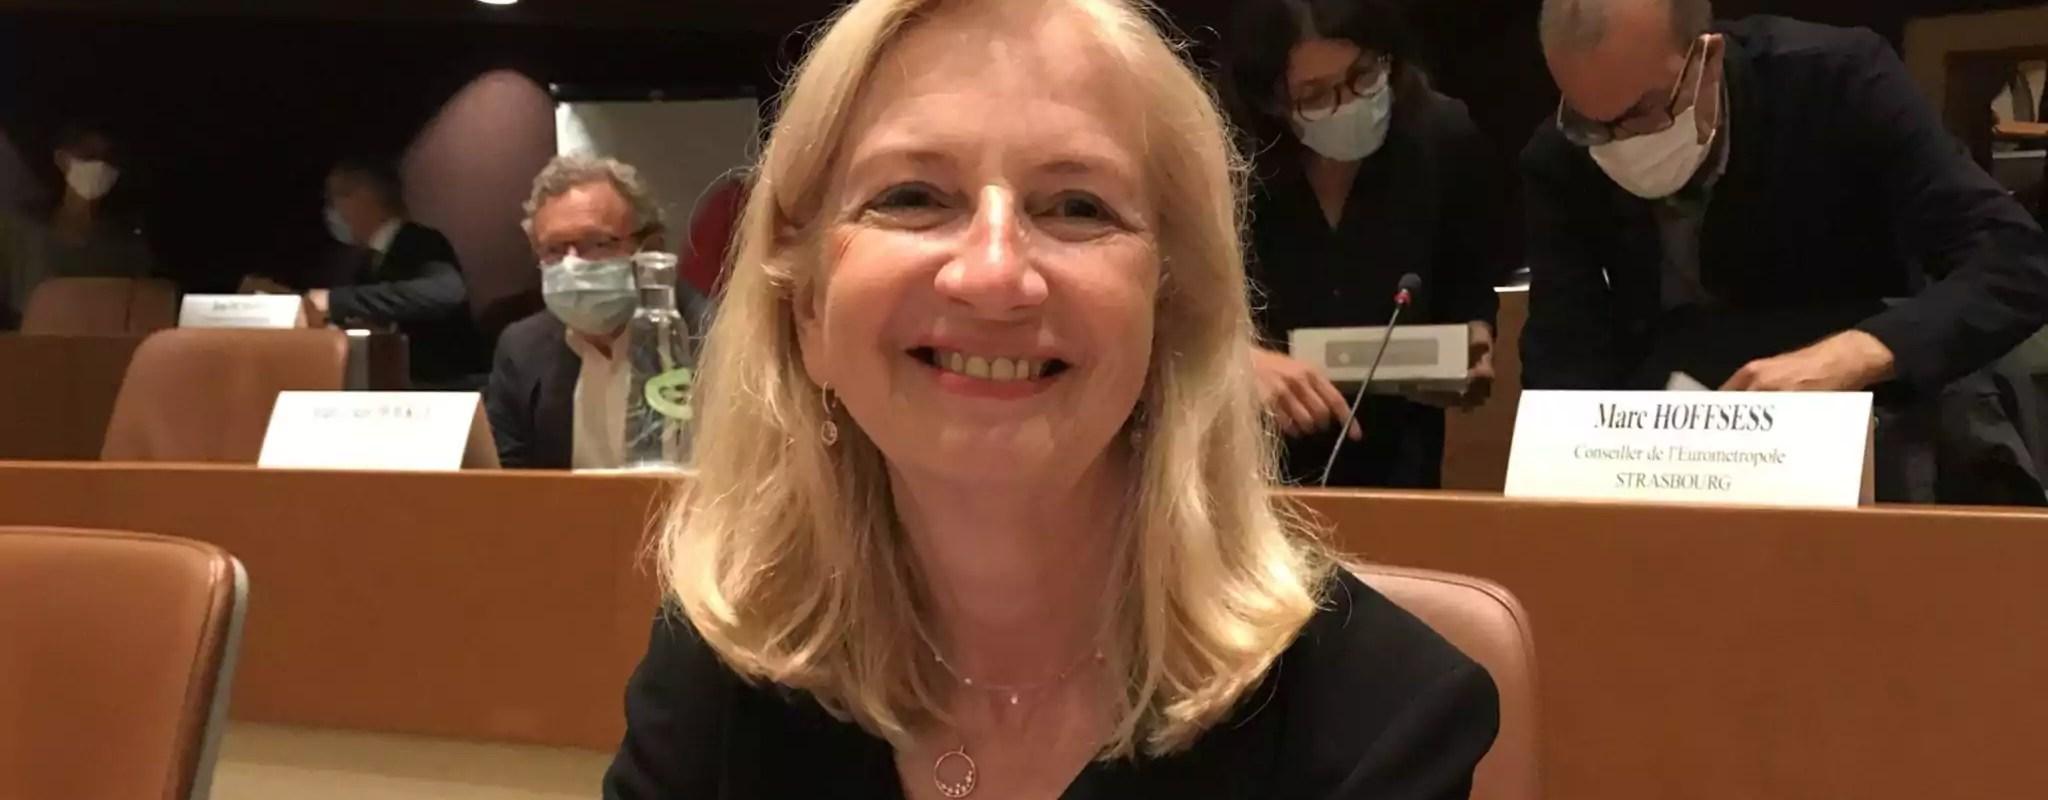 Pia Imbs élue présidente de l'Eurométropole de Strasbourg